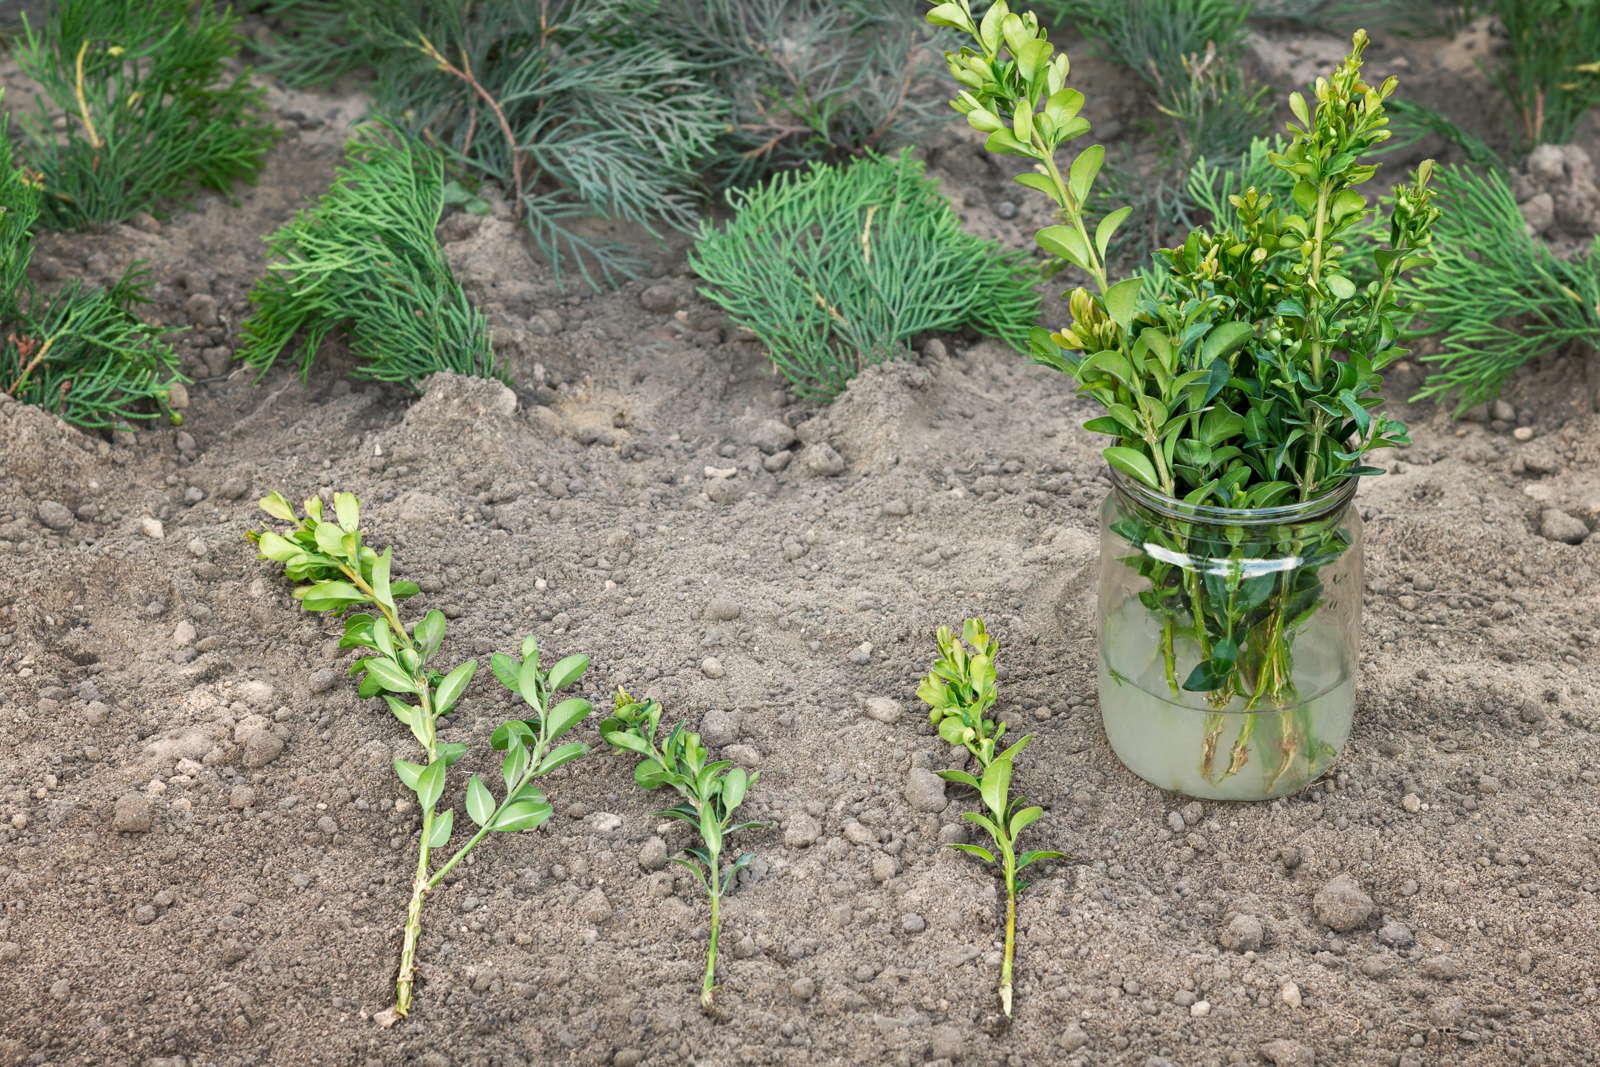 Buchsbaum Vermehren Vermehrung Durch Stecklinge Teilung Plantura